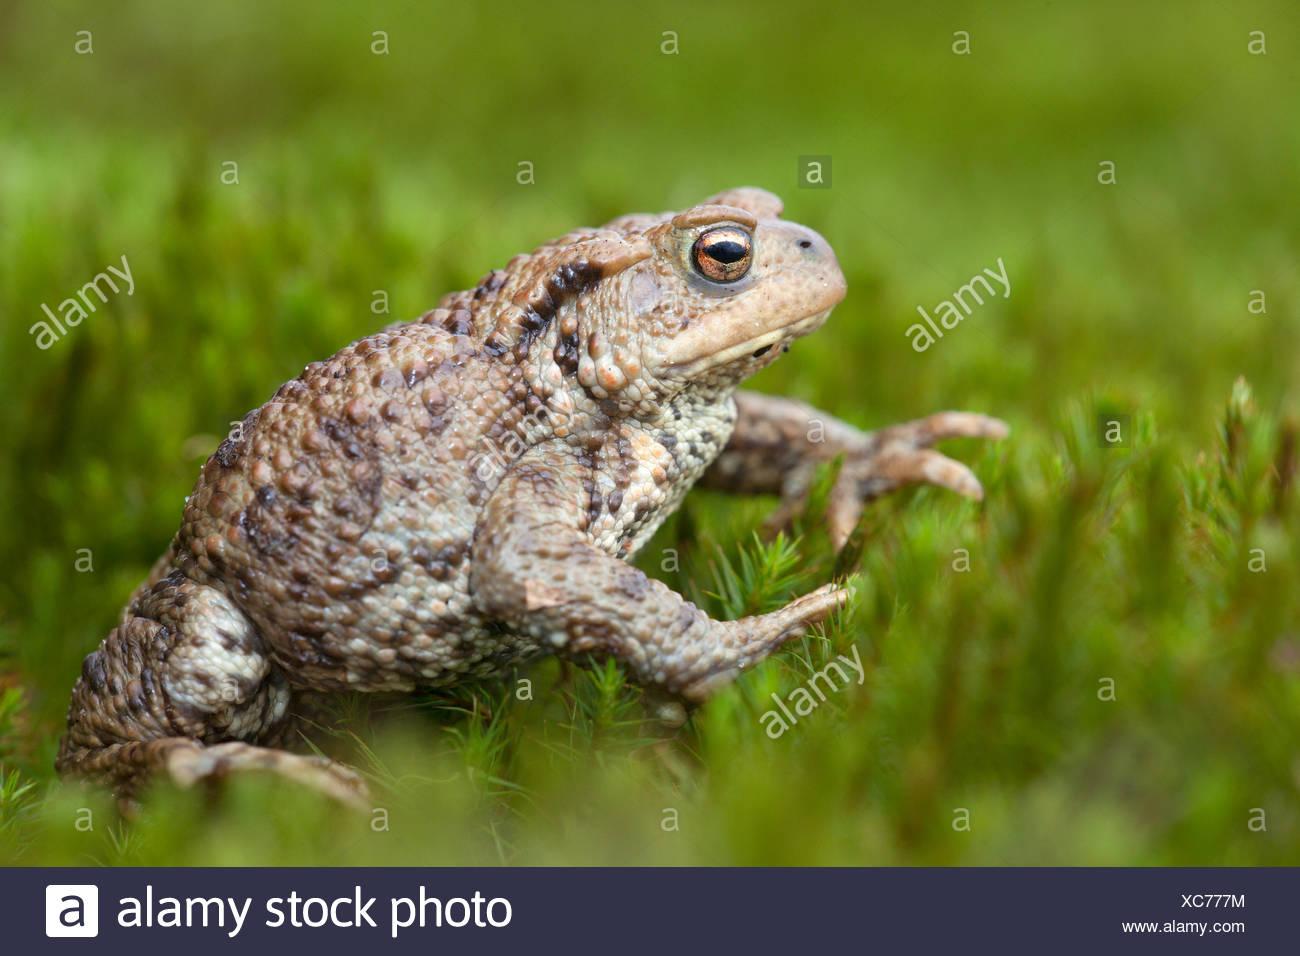 gewone pad; bufo bufo; common toad; common european toad; crapaud commun; erdkröte; bufonidae; pad; padden; toad; toads; amfibie; amfibieen; amphibian; amphibians; bruin; brown; wrattig; wart; beschermd; protected; niet bedreigd; flora- en faunawet; tabel 1; ffwet; mating; migratie; paddentrek; migration; voorjaar; - Stock Image